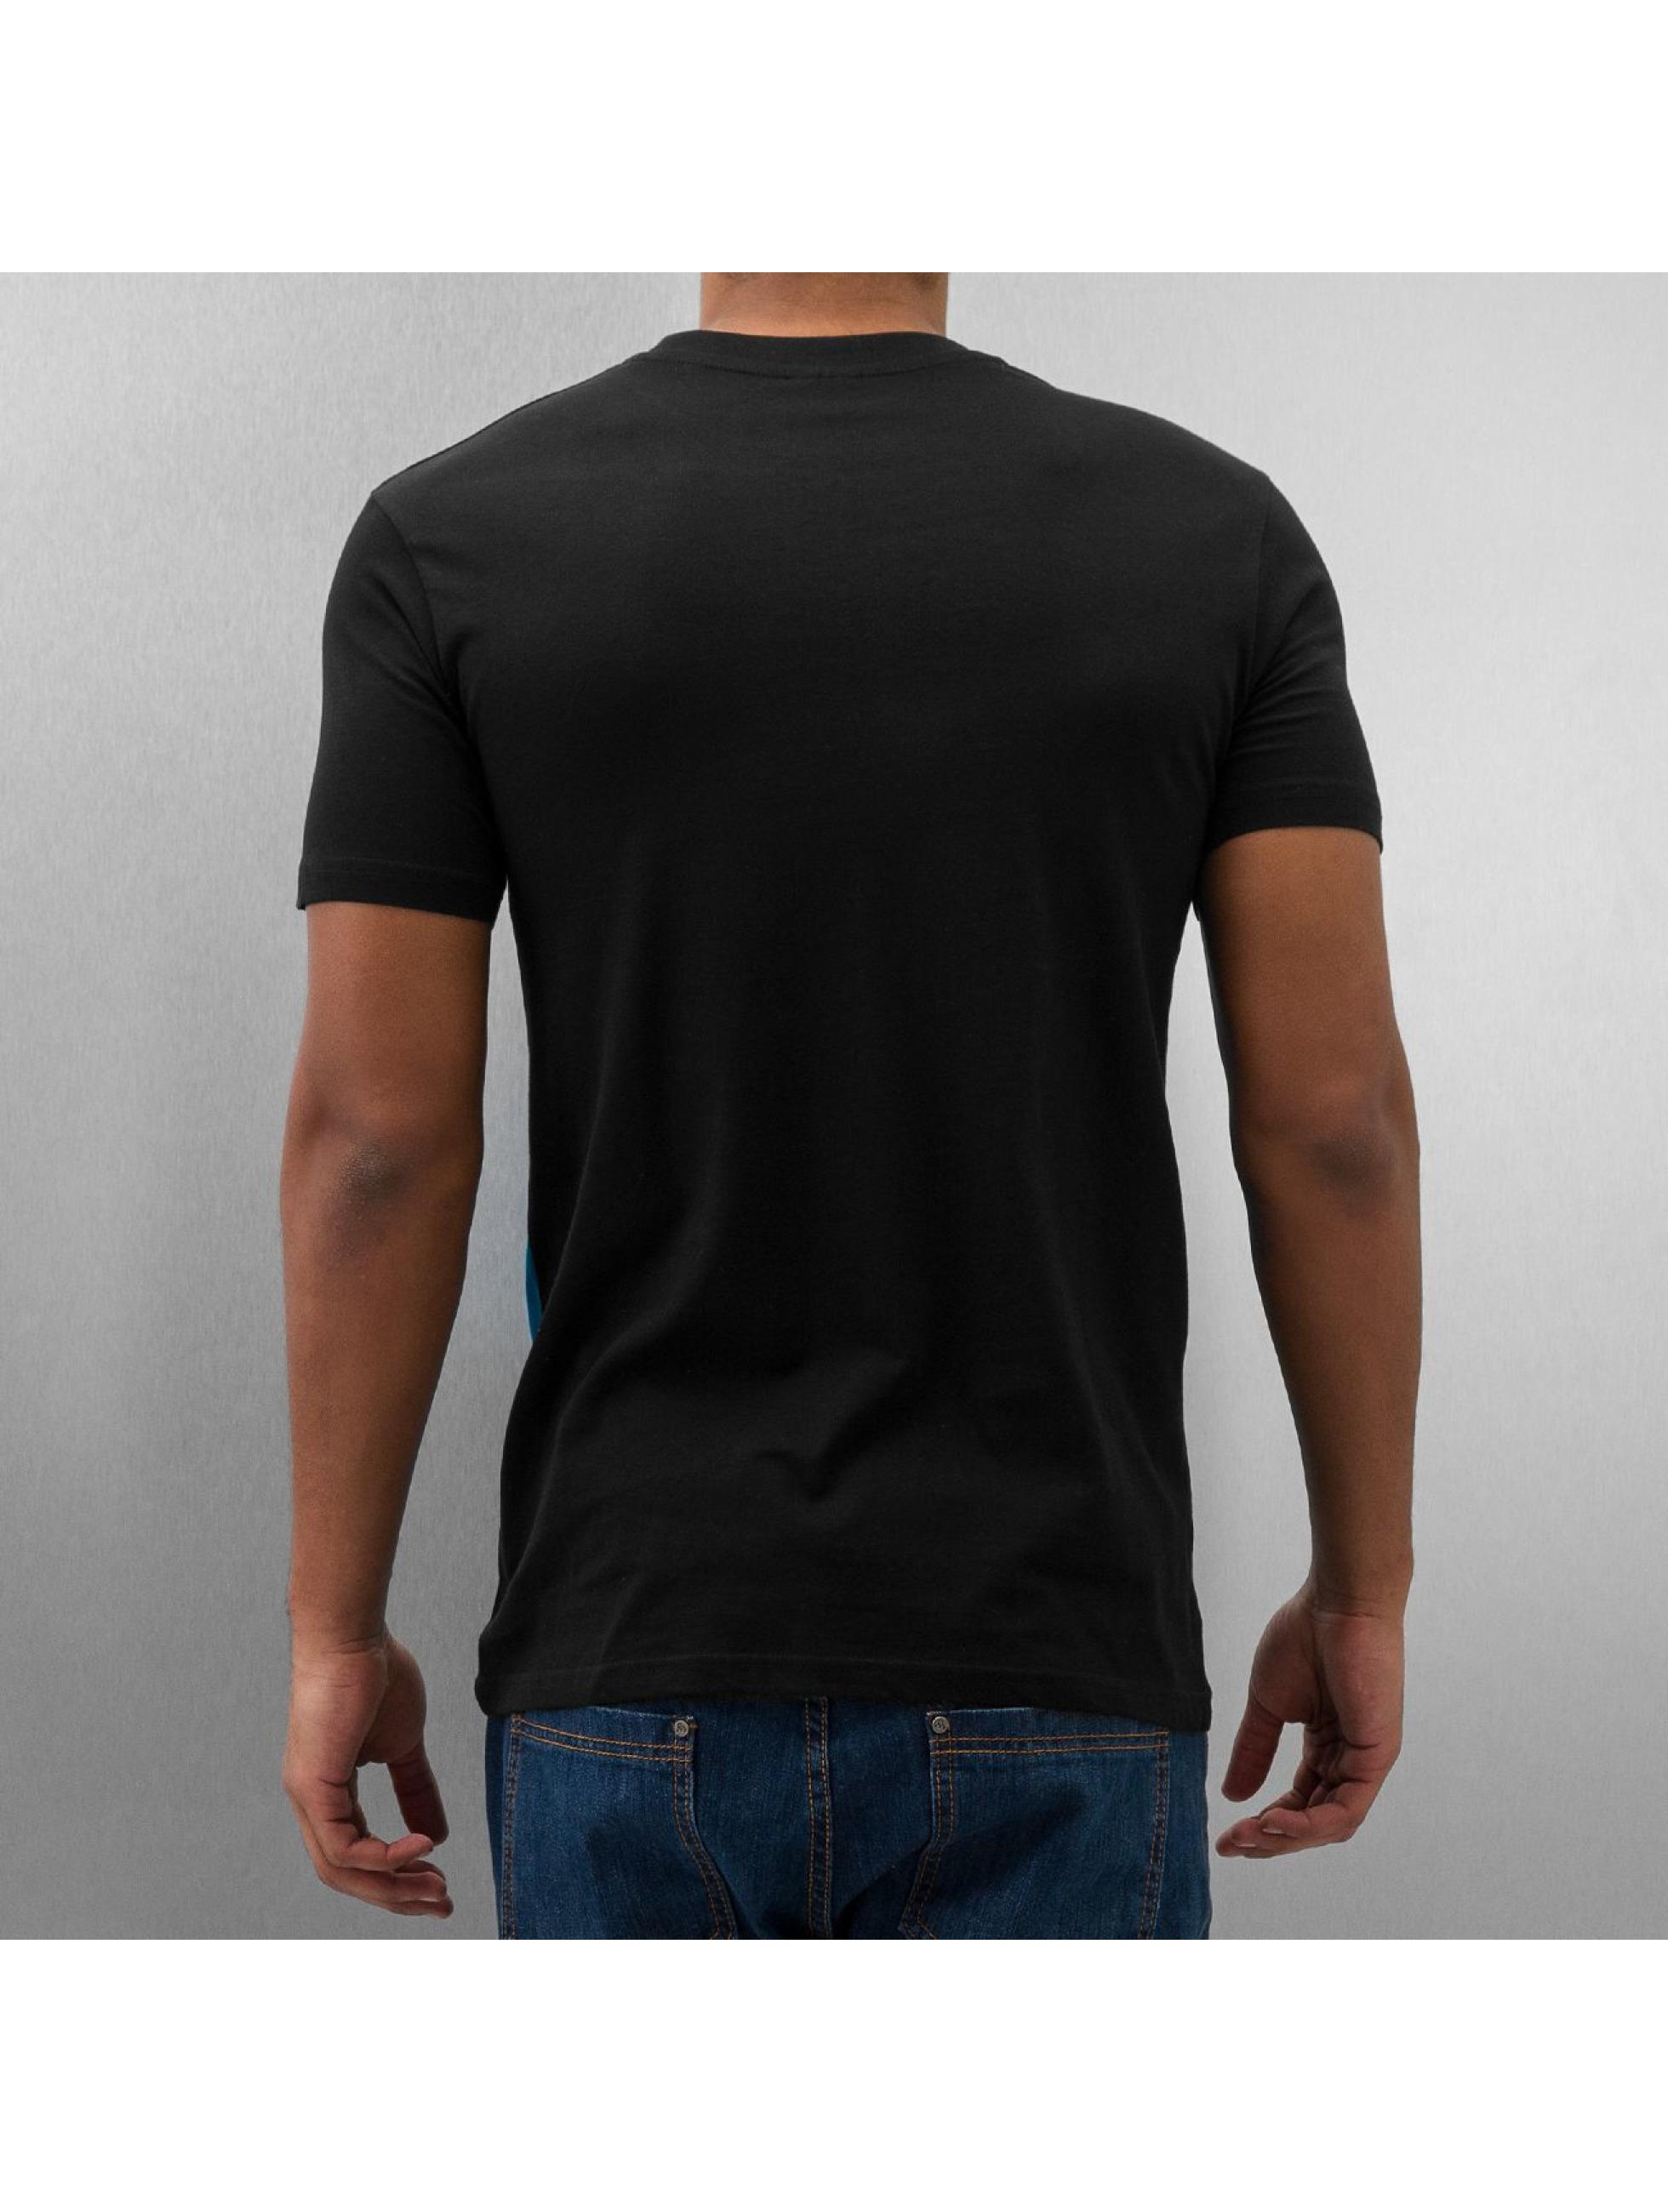 Urban Classics t-shirt Zig Zag zwart